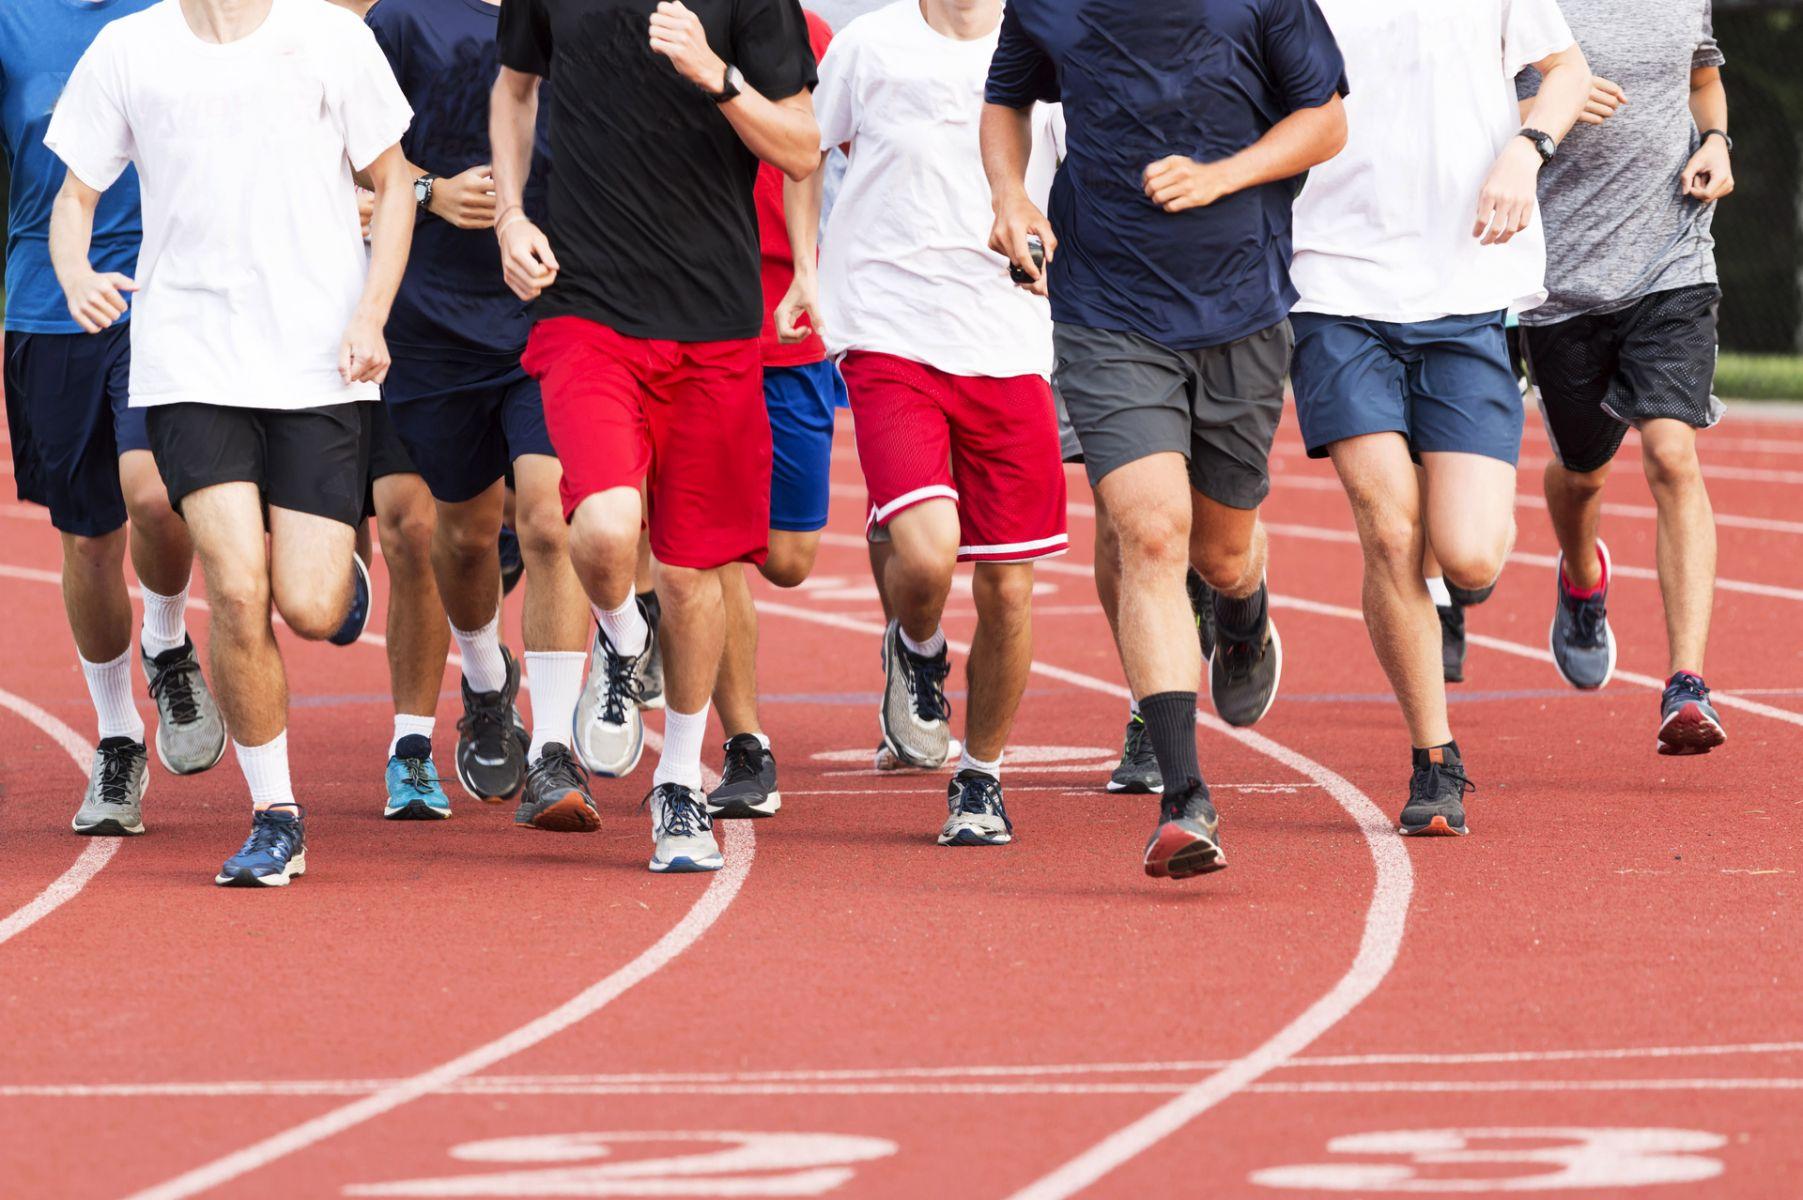 逾三成上班族肌肉痠痛 董事長帶頭打造健康職場